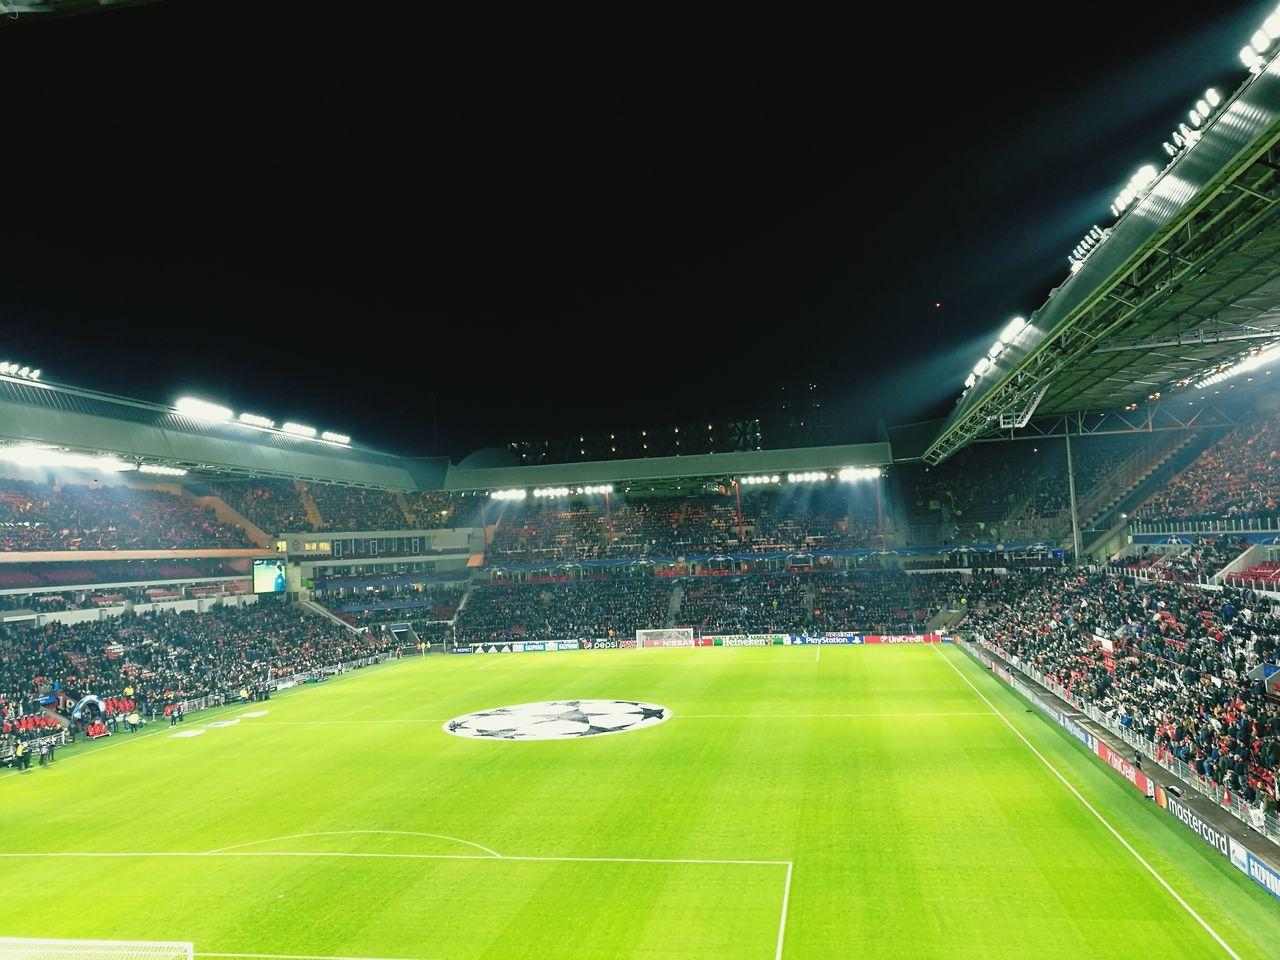 CL Stadium Lighting Equipment Grass Soccer Sport Sports Team First Eyeem Photo